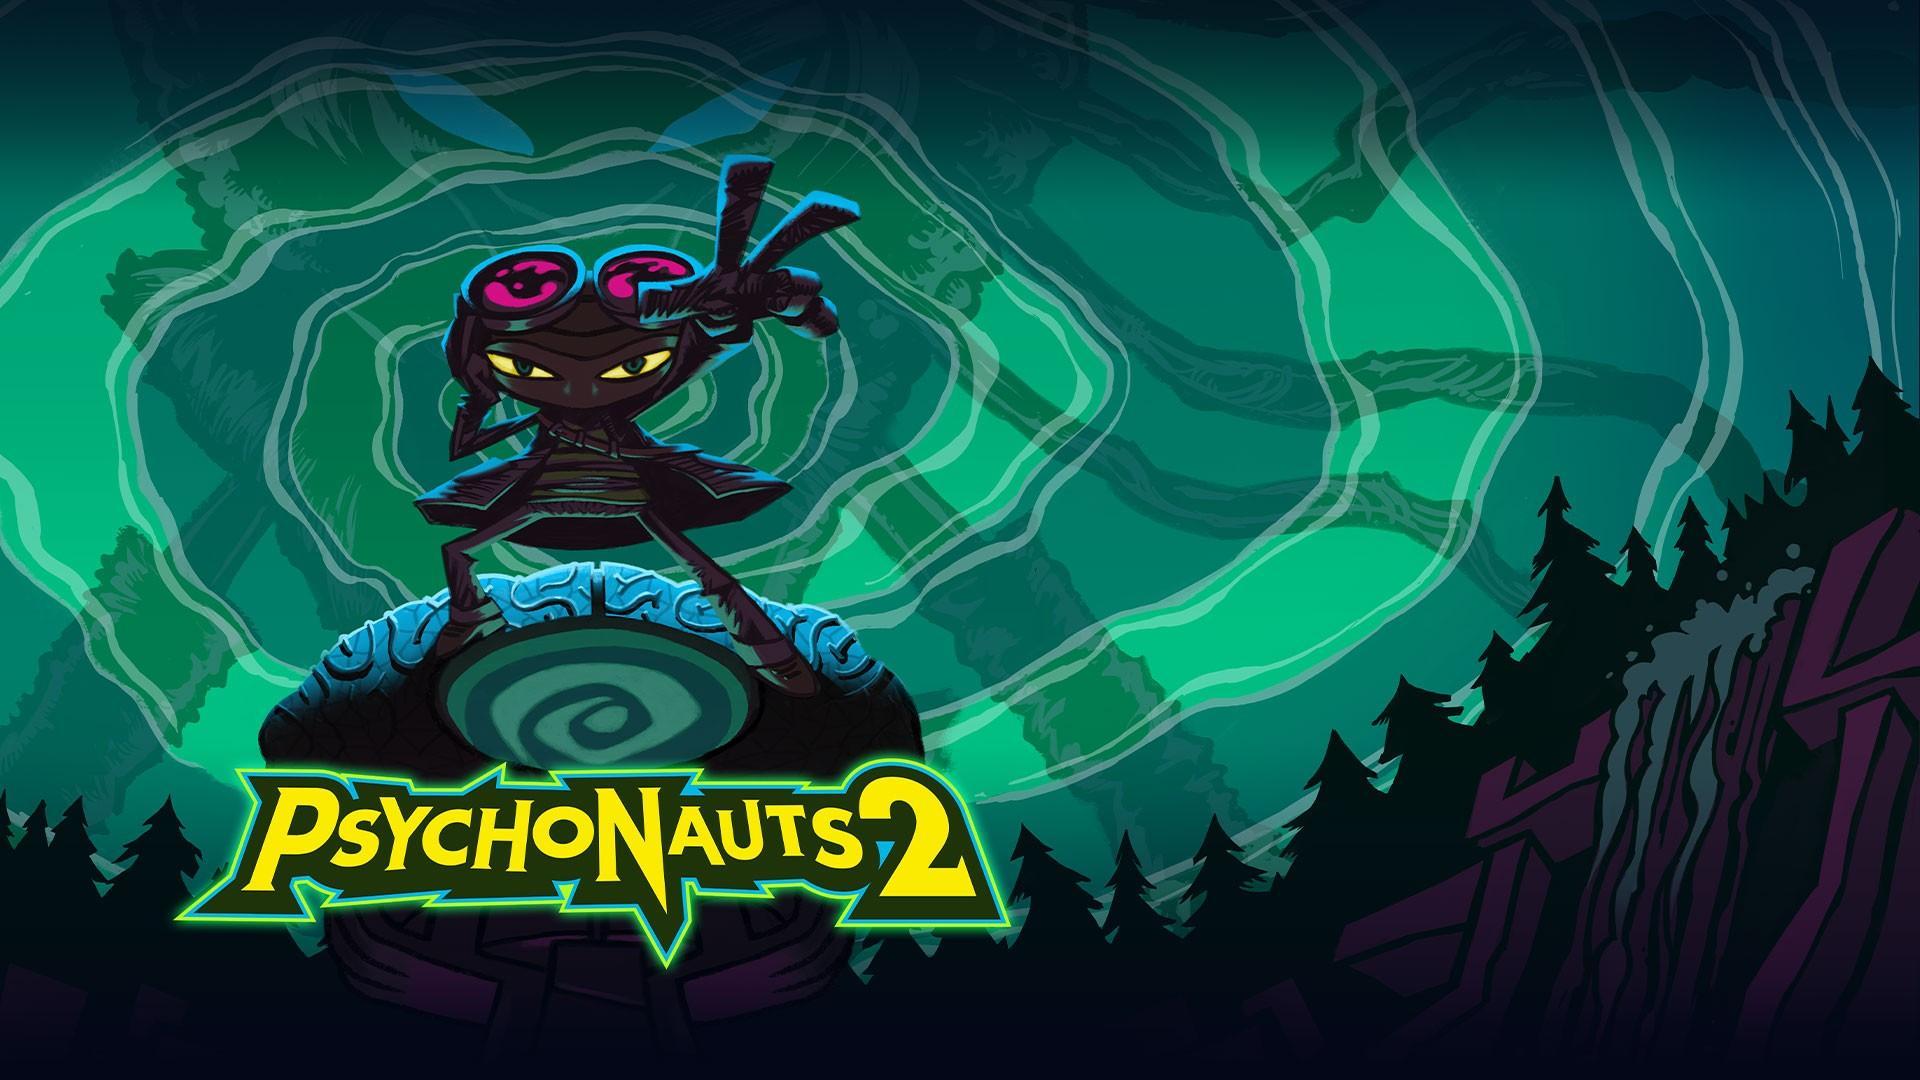 Double Fine подтвердила свое намерение выпустить Psychonauts 2 в этом году 2